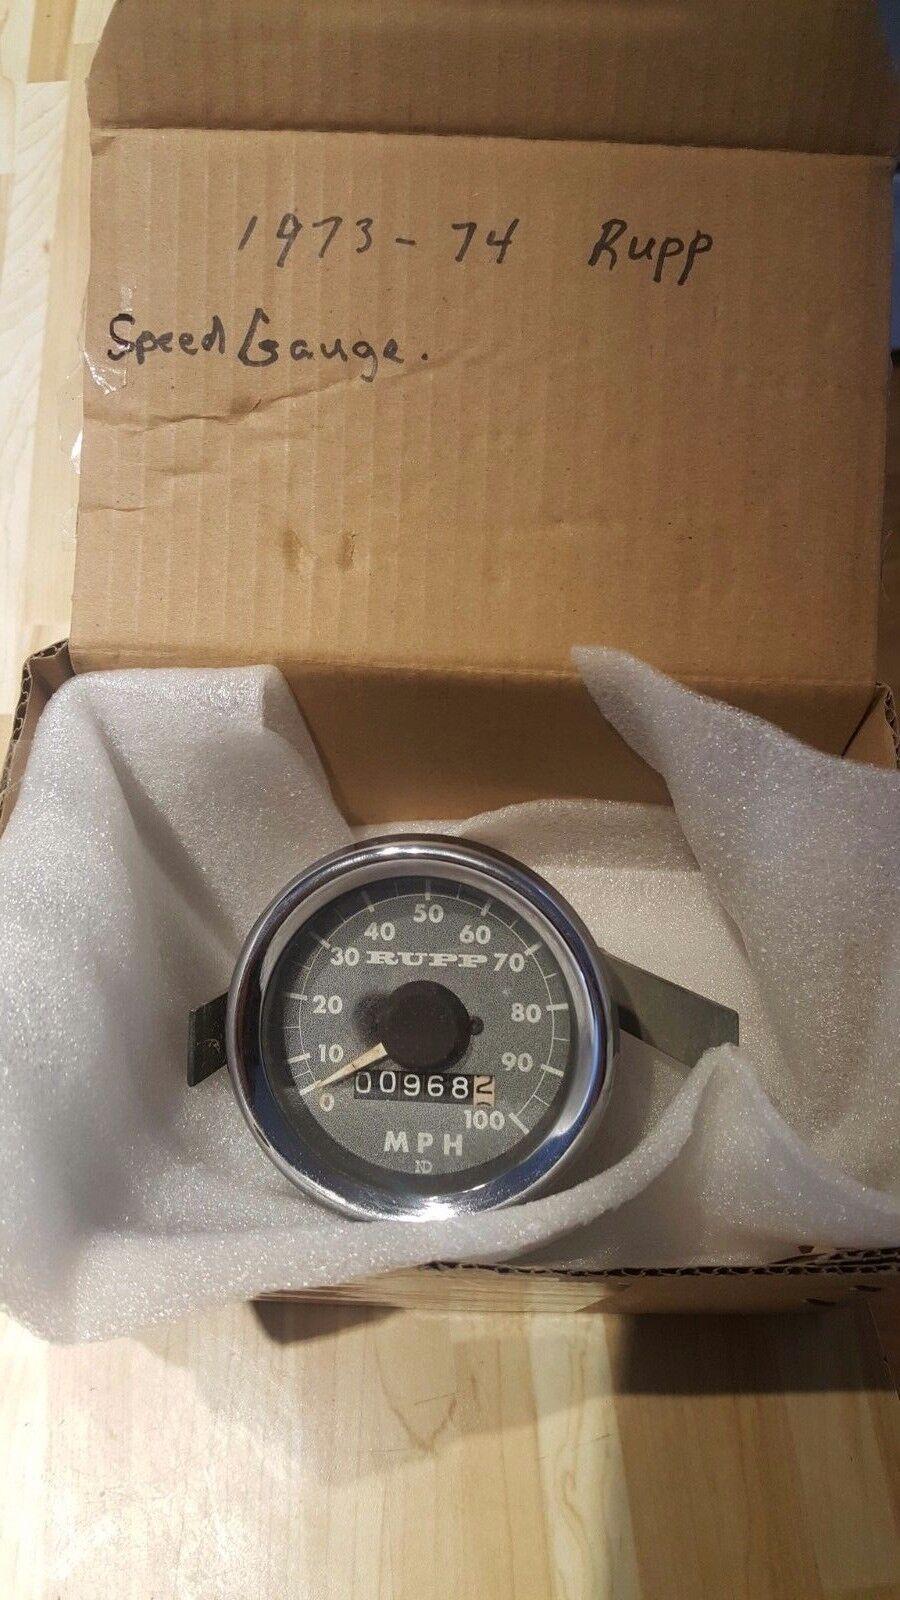 Vintage Rupp snowmobile speedometer gauge